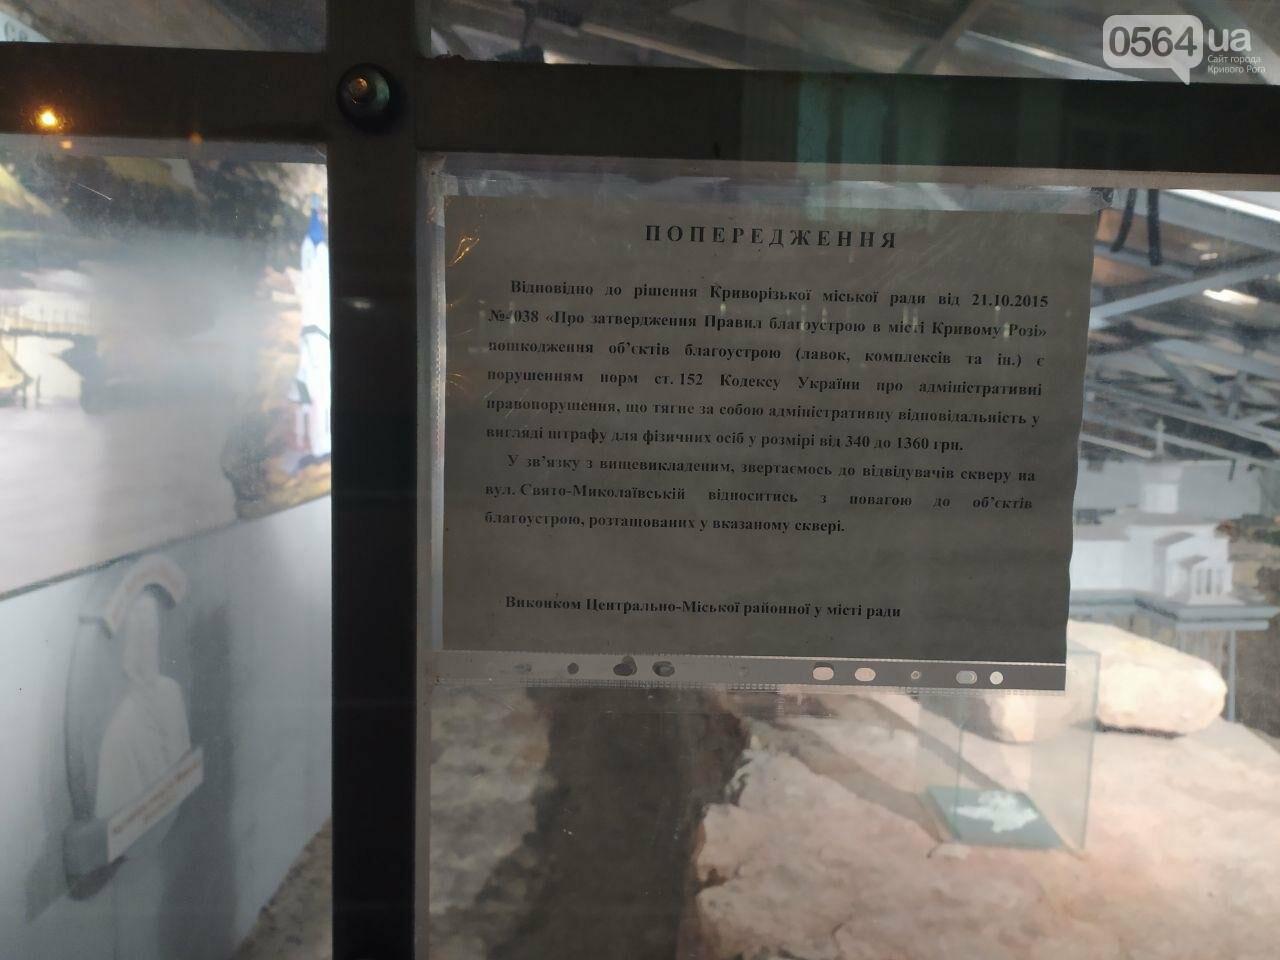 Информация о краже из музейной экспозиции в Кривом Роге в полицию не поступала. Правоохранители начали проверку, - ФОТО, фото-10